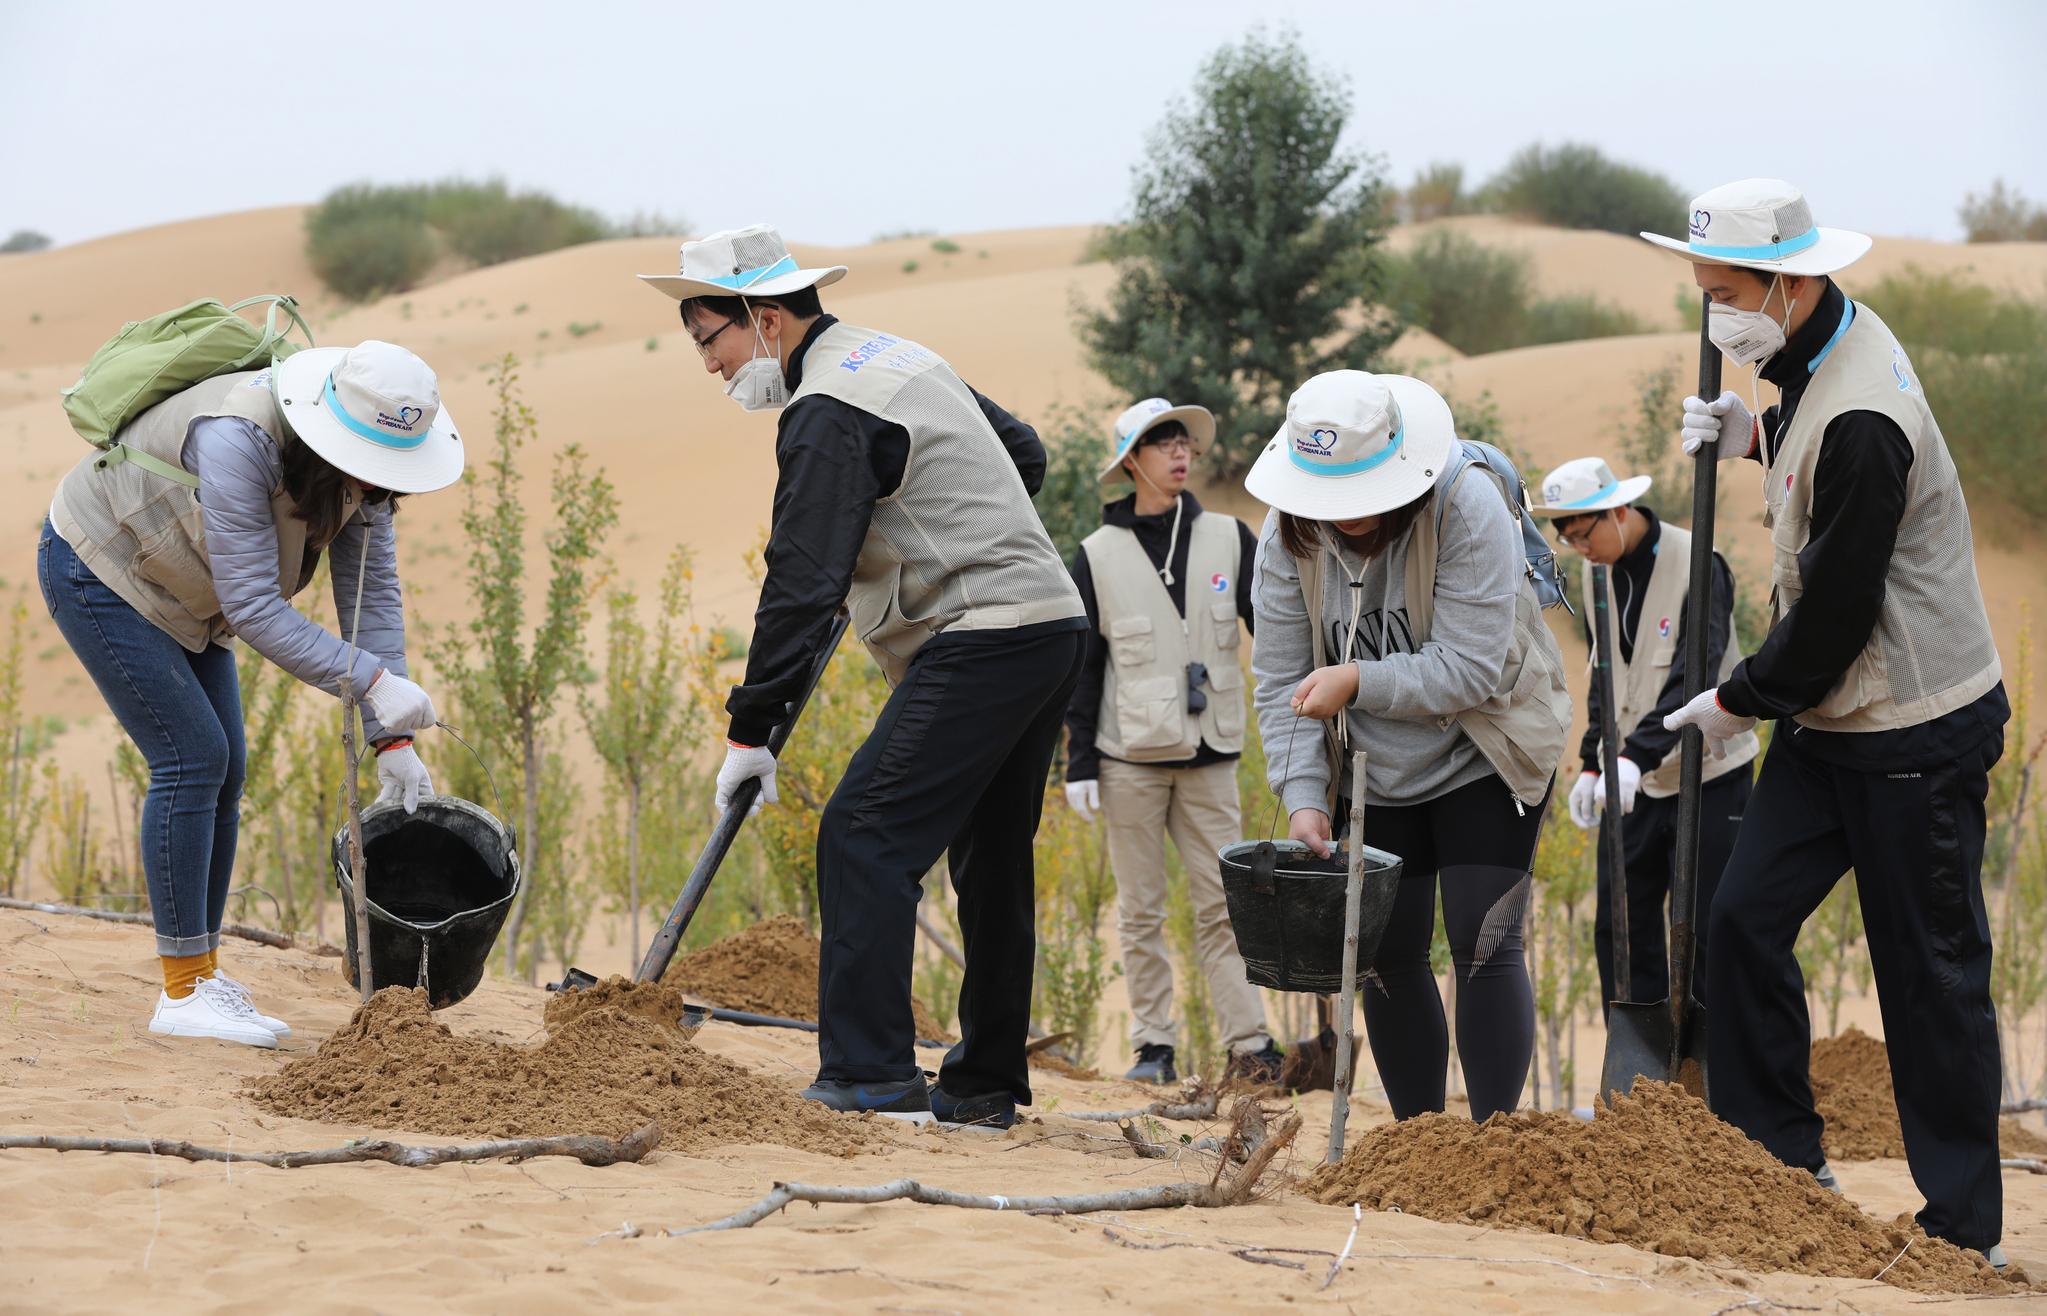 대한항공은 19일까지 중국 네이멍구 쿠부치 사막에서 나무심기 봉사활동을 펼친다. 쿠부치=장진영 기자